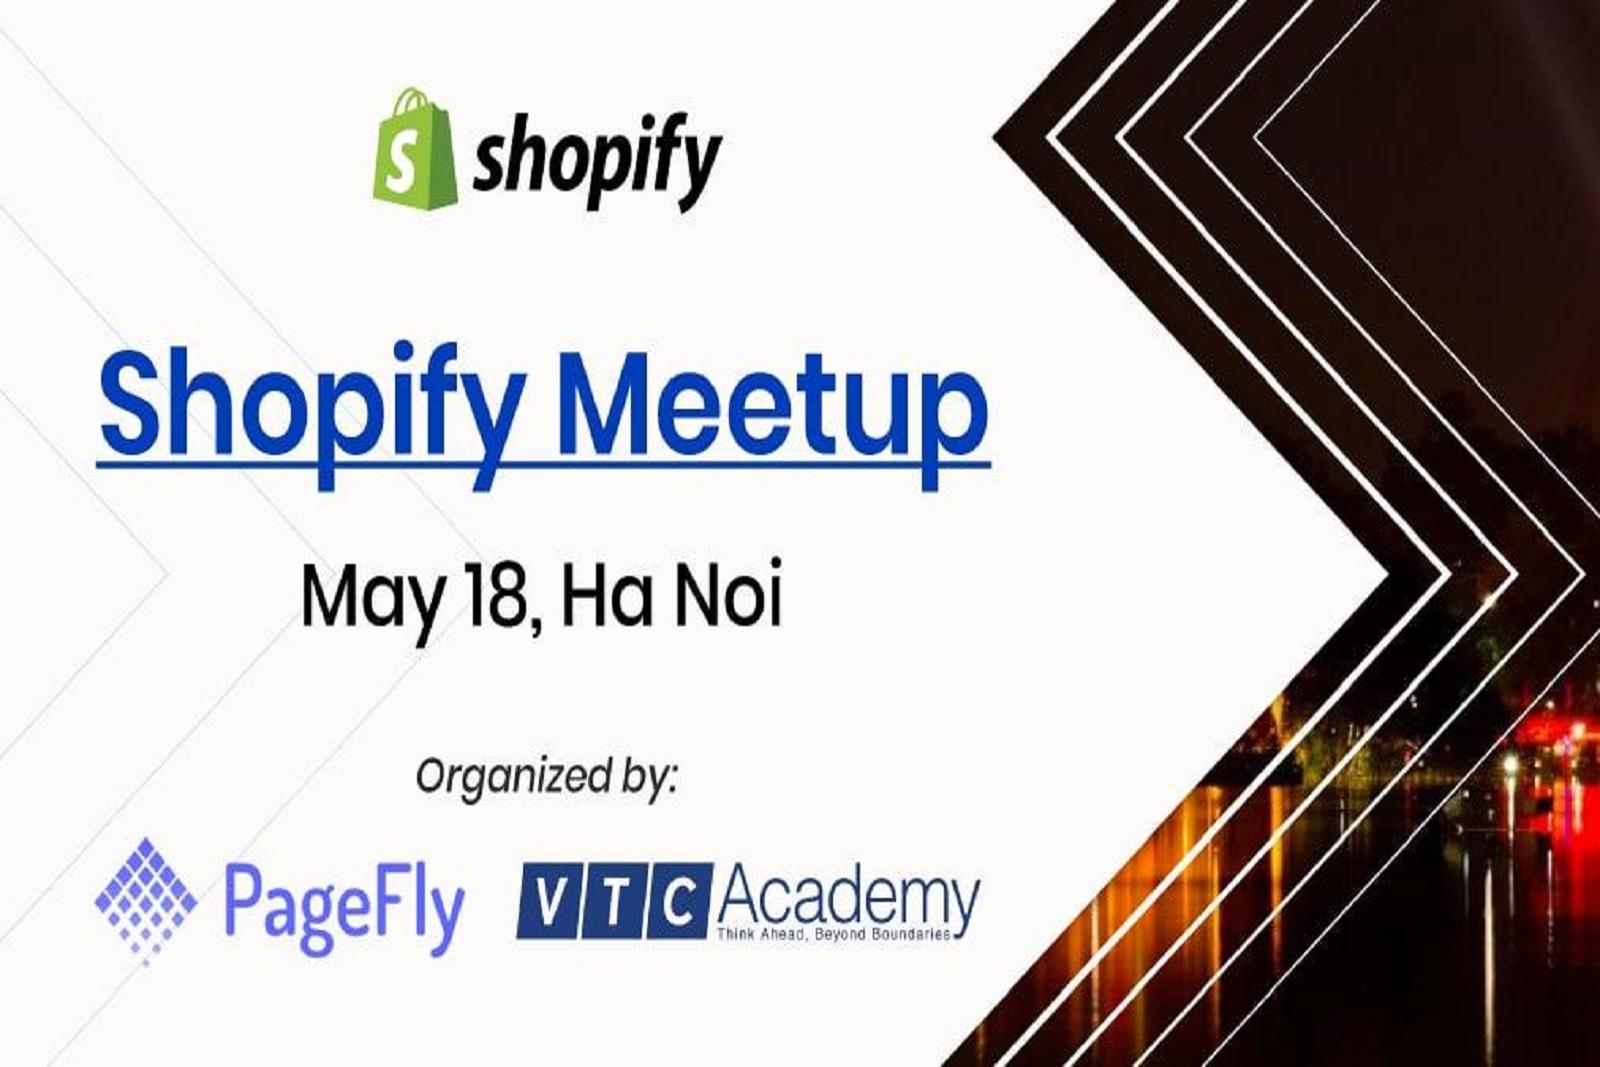 Shopify Meetup đầu tiên tại Hà Nội sẽ diễn ra vào ngày 18/05/2019